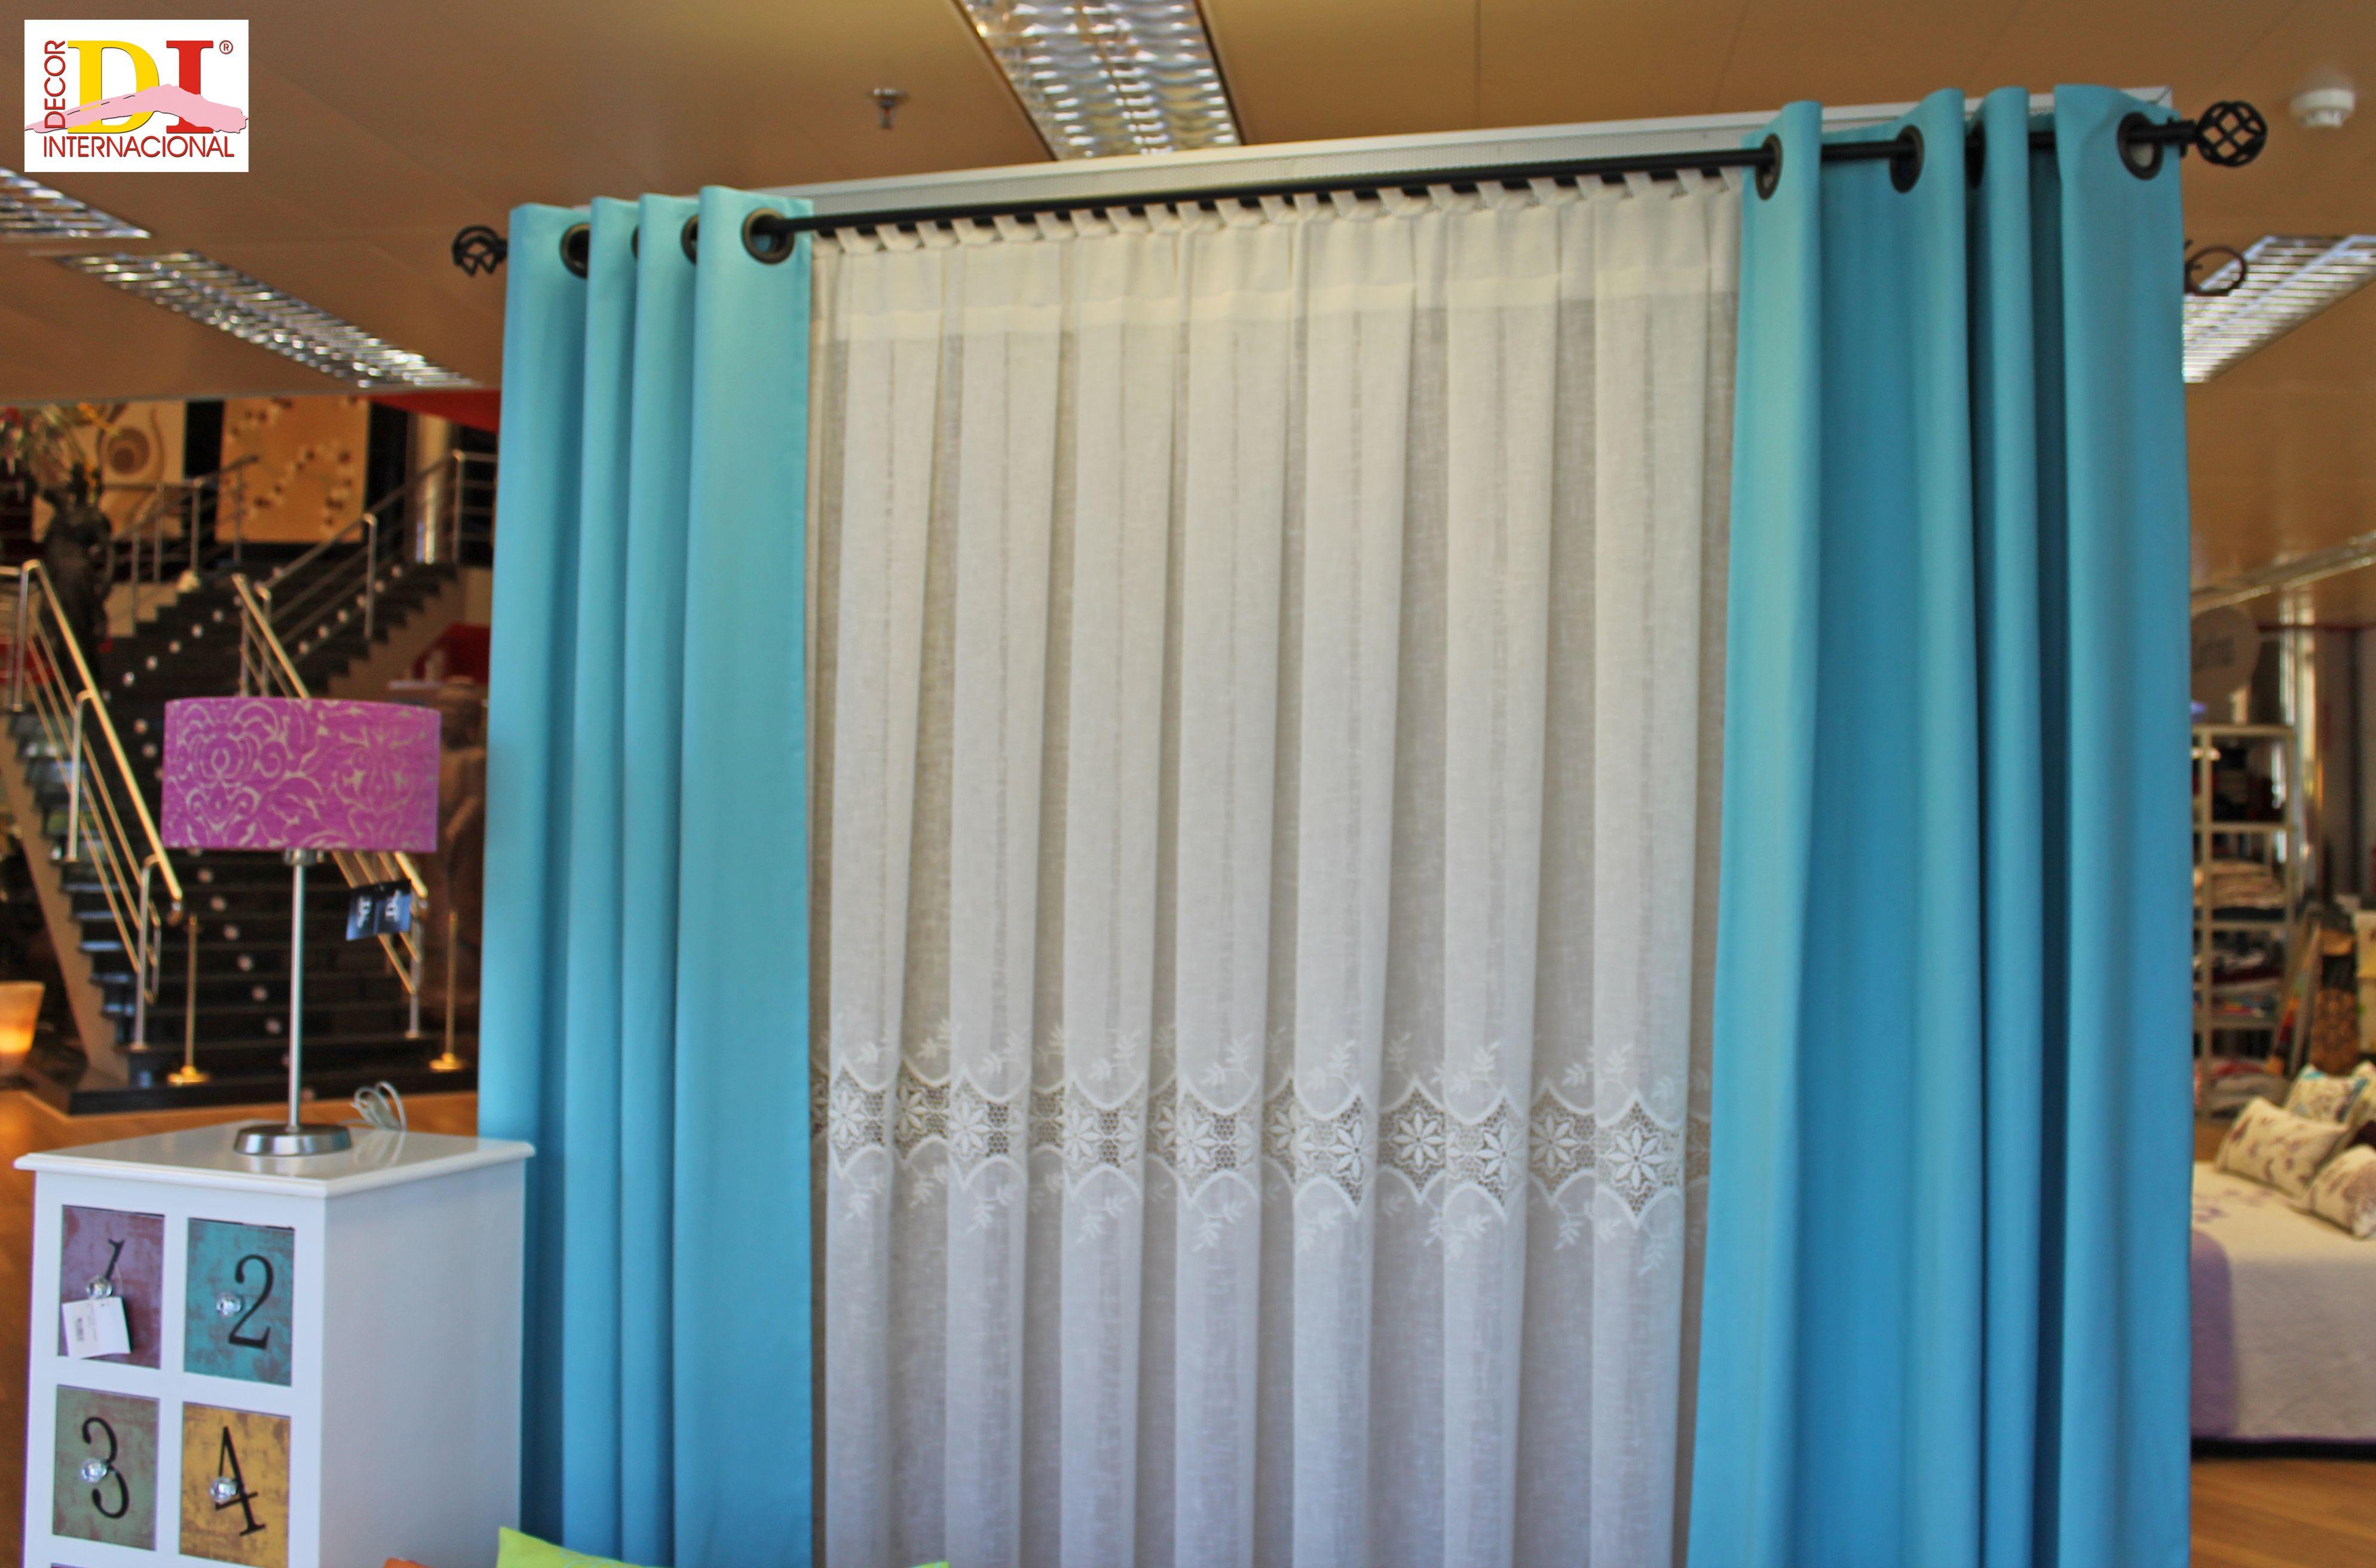 Cortina con ollaos cortinas pinterest cortinas - Cortinas con ollaos ...